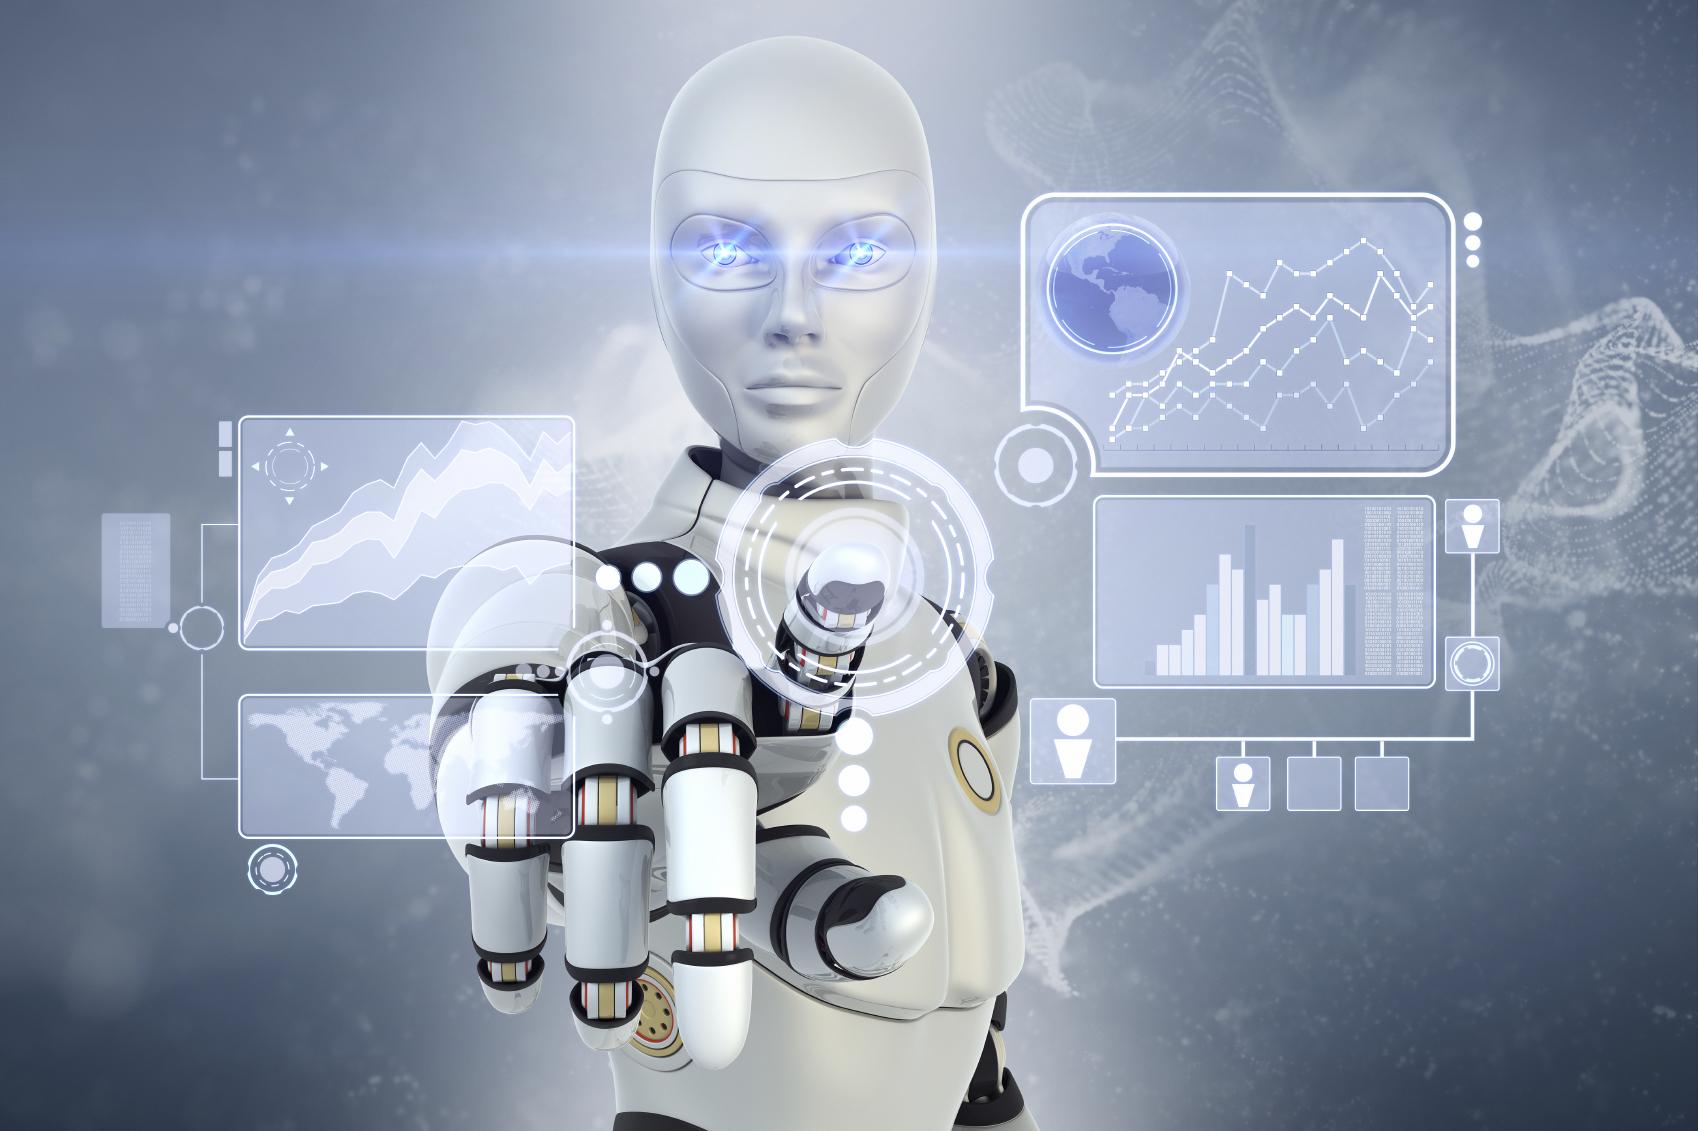 Big Data – прошлая эпоха, в тренде Machine Learning!